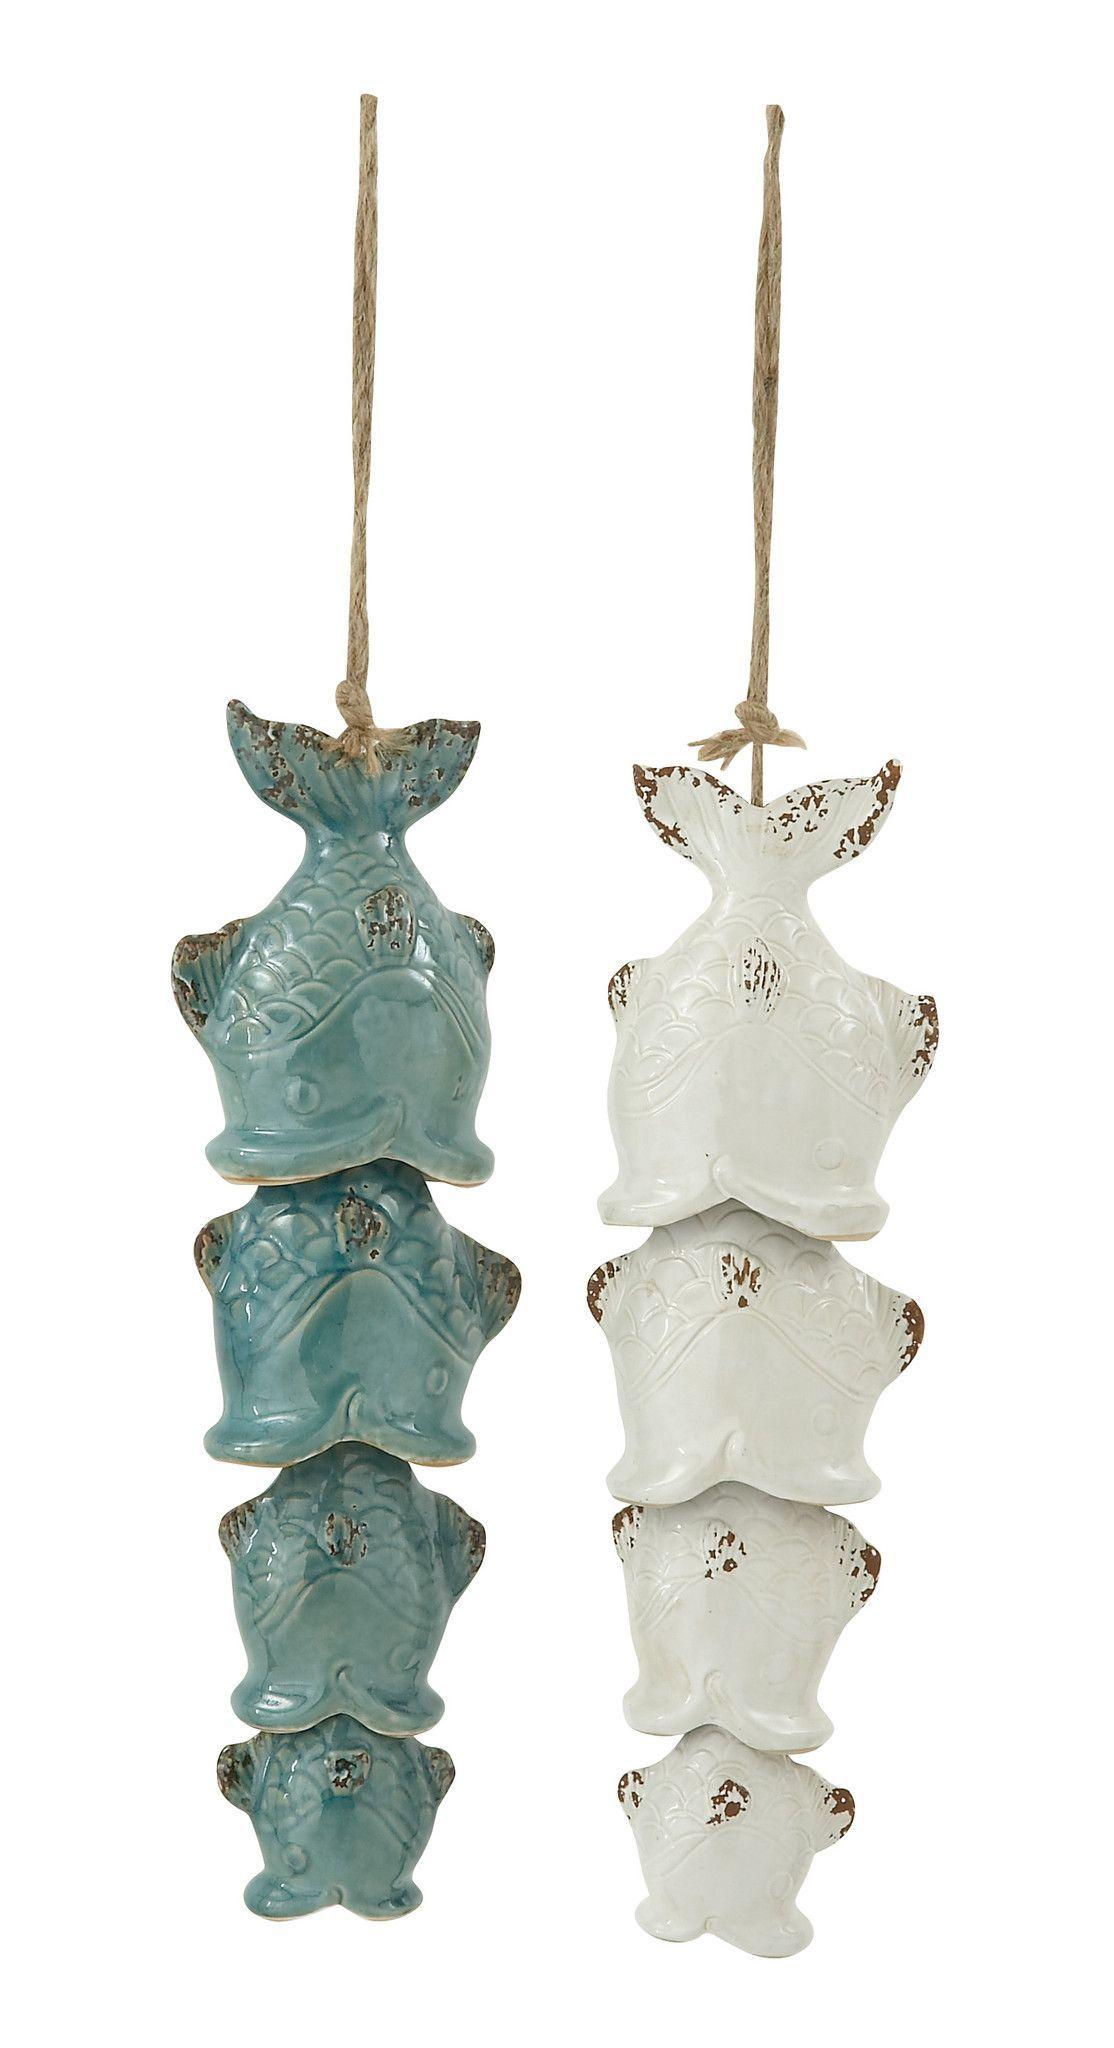 Cute Ceramic Fish Wind Chime 2 Assorted Wind Chimes Ceramic Fish Ceramic Bell